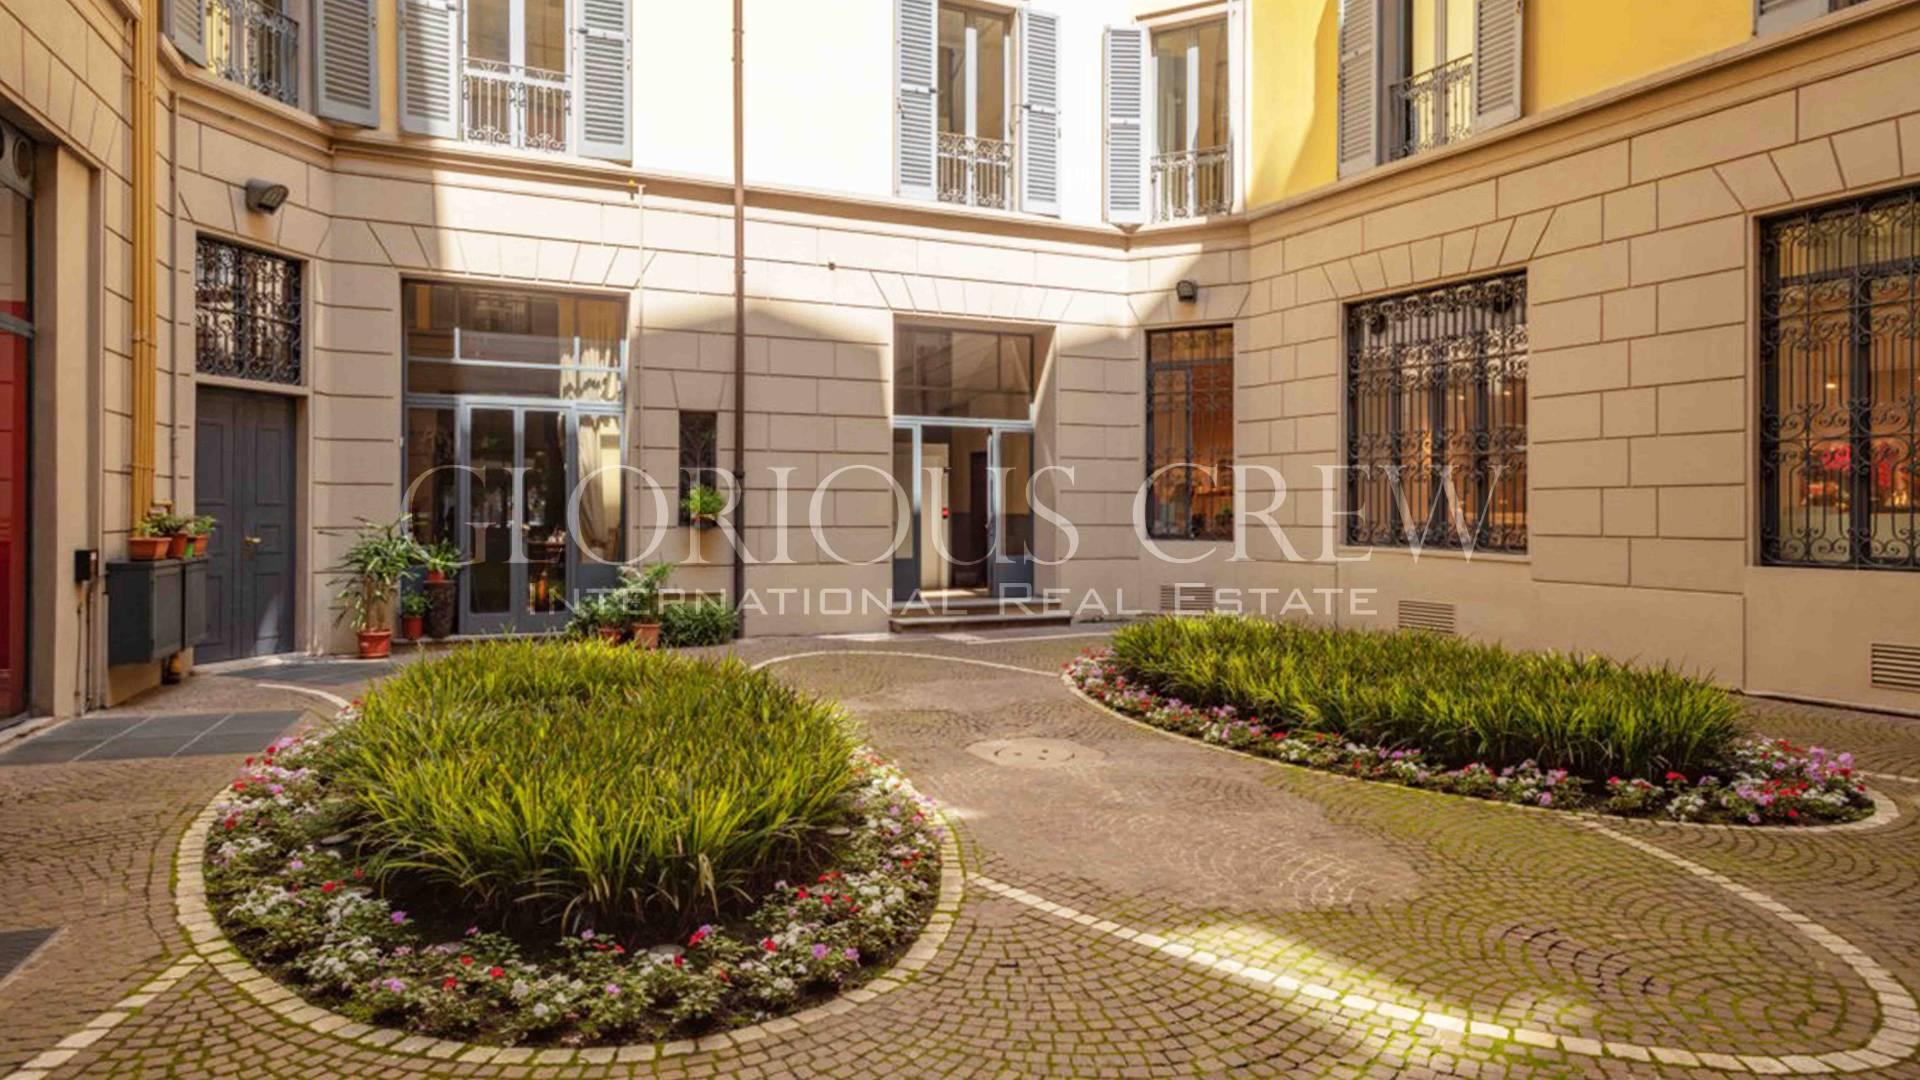 Ufficio-studio in Affitto a Milano 01 Centro storico (Cerchia dei Navigli): 5 locali, 304 mq